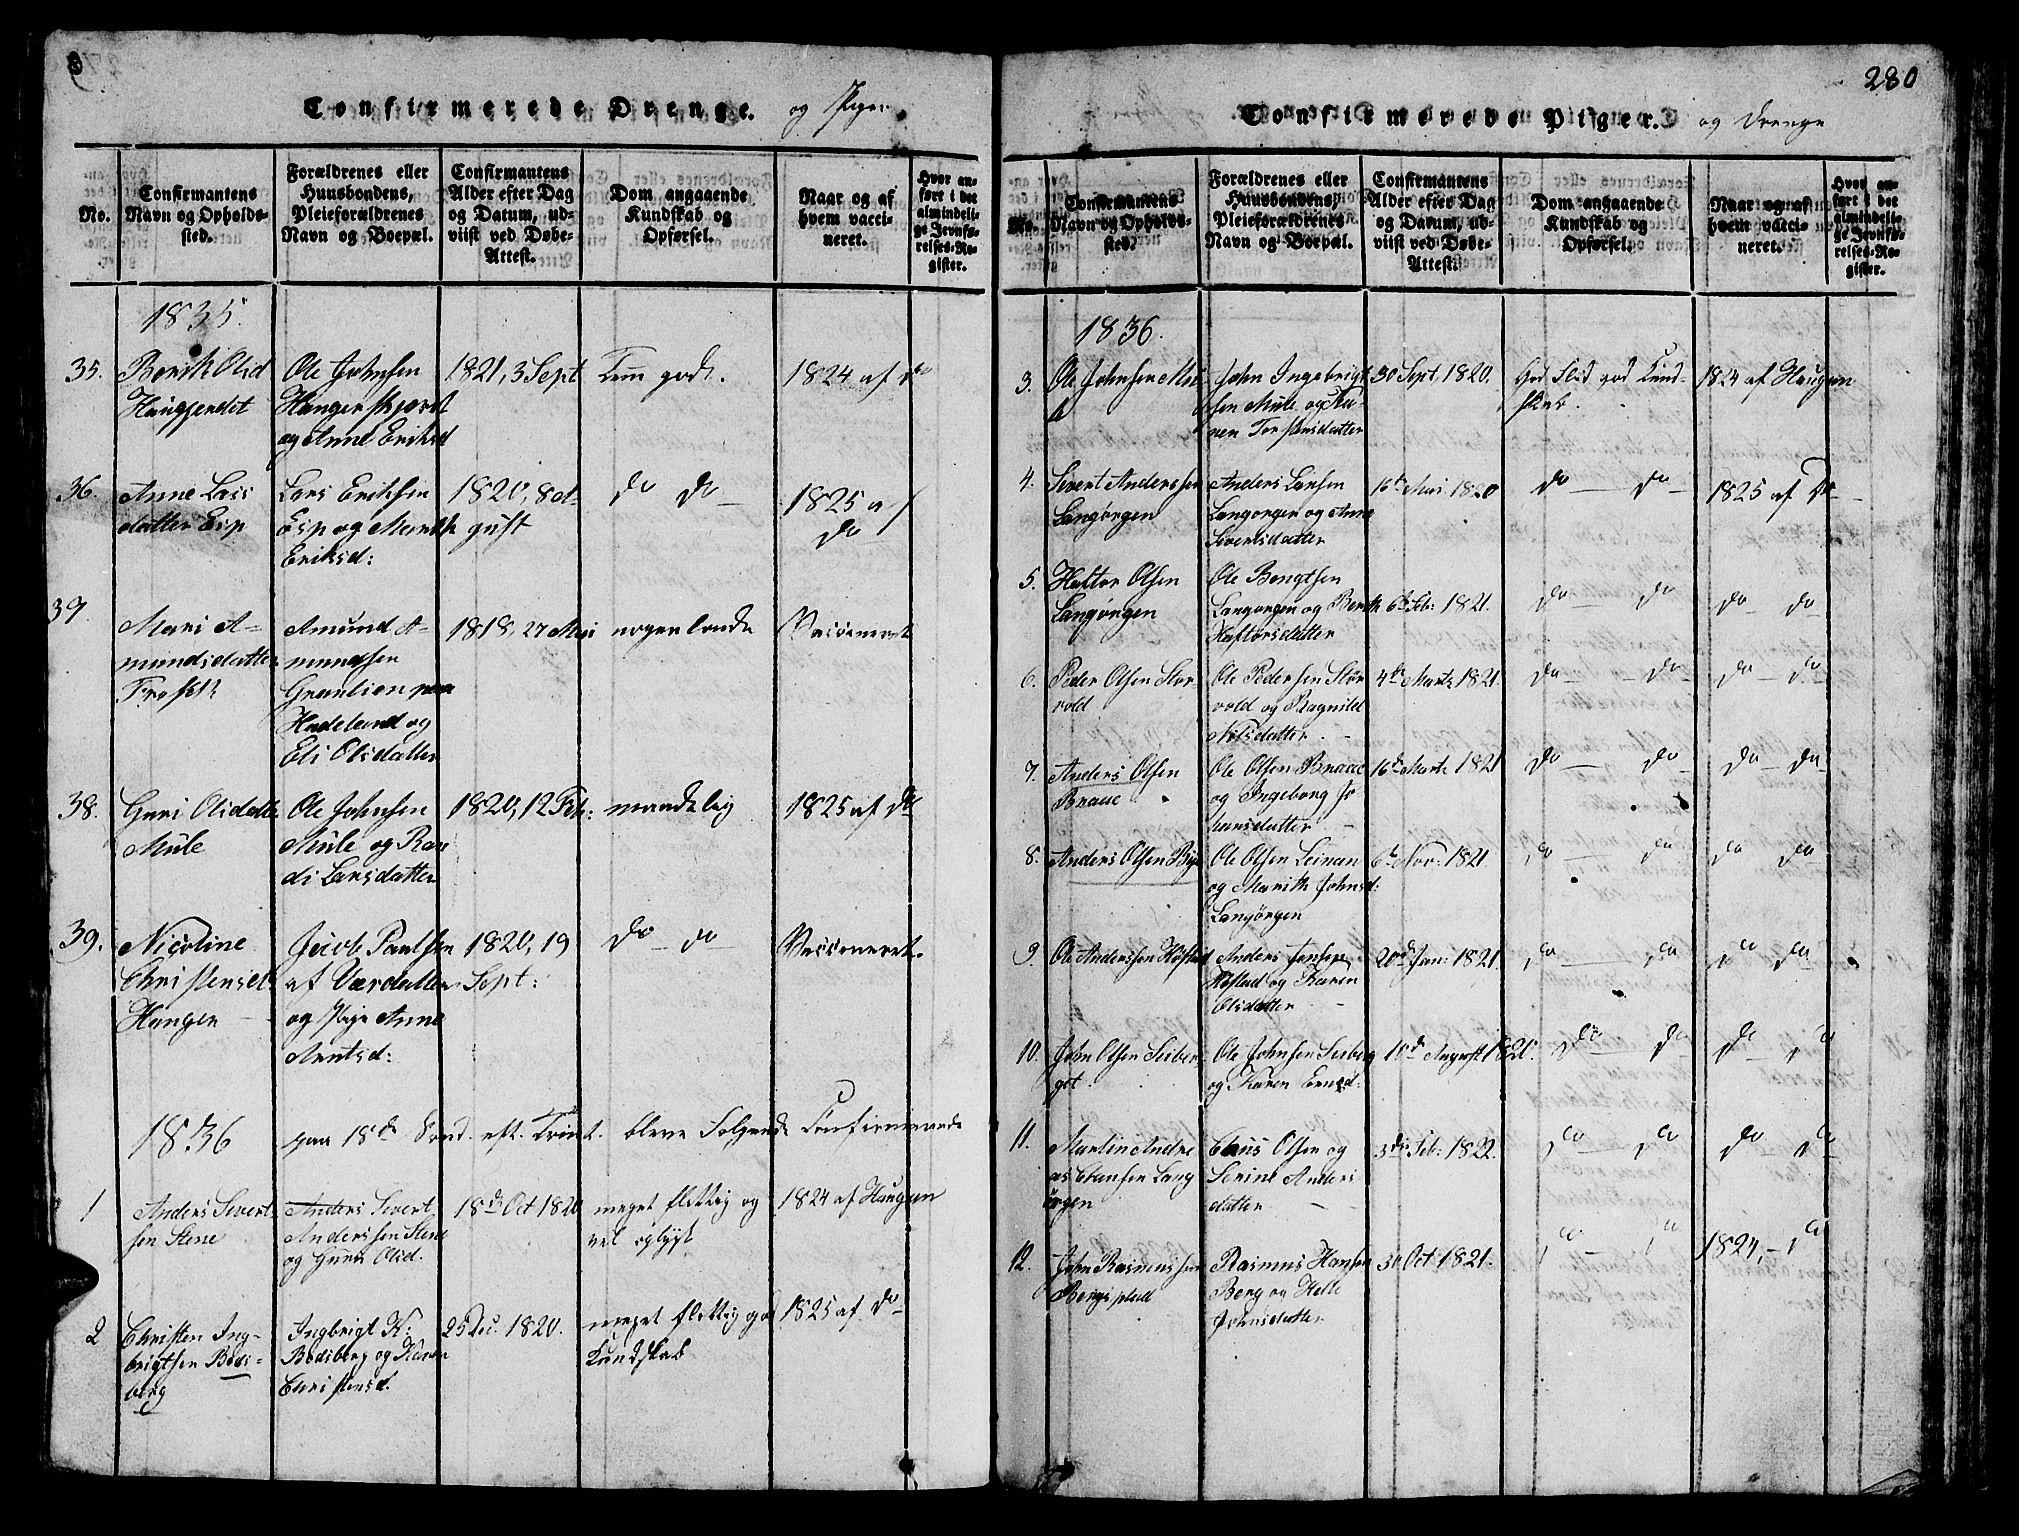 SAT, Ministerialprotokoller, klokkerbøker og fødselsregistre - Sør-Trøndelag, 612/L0385: Klokkerbok nr. 612C01, 1816-1845, s. 280